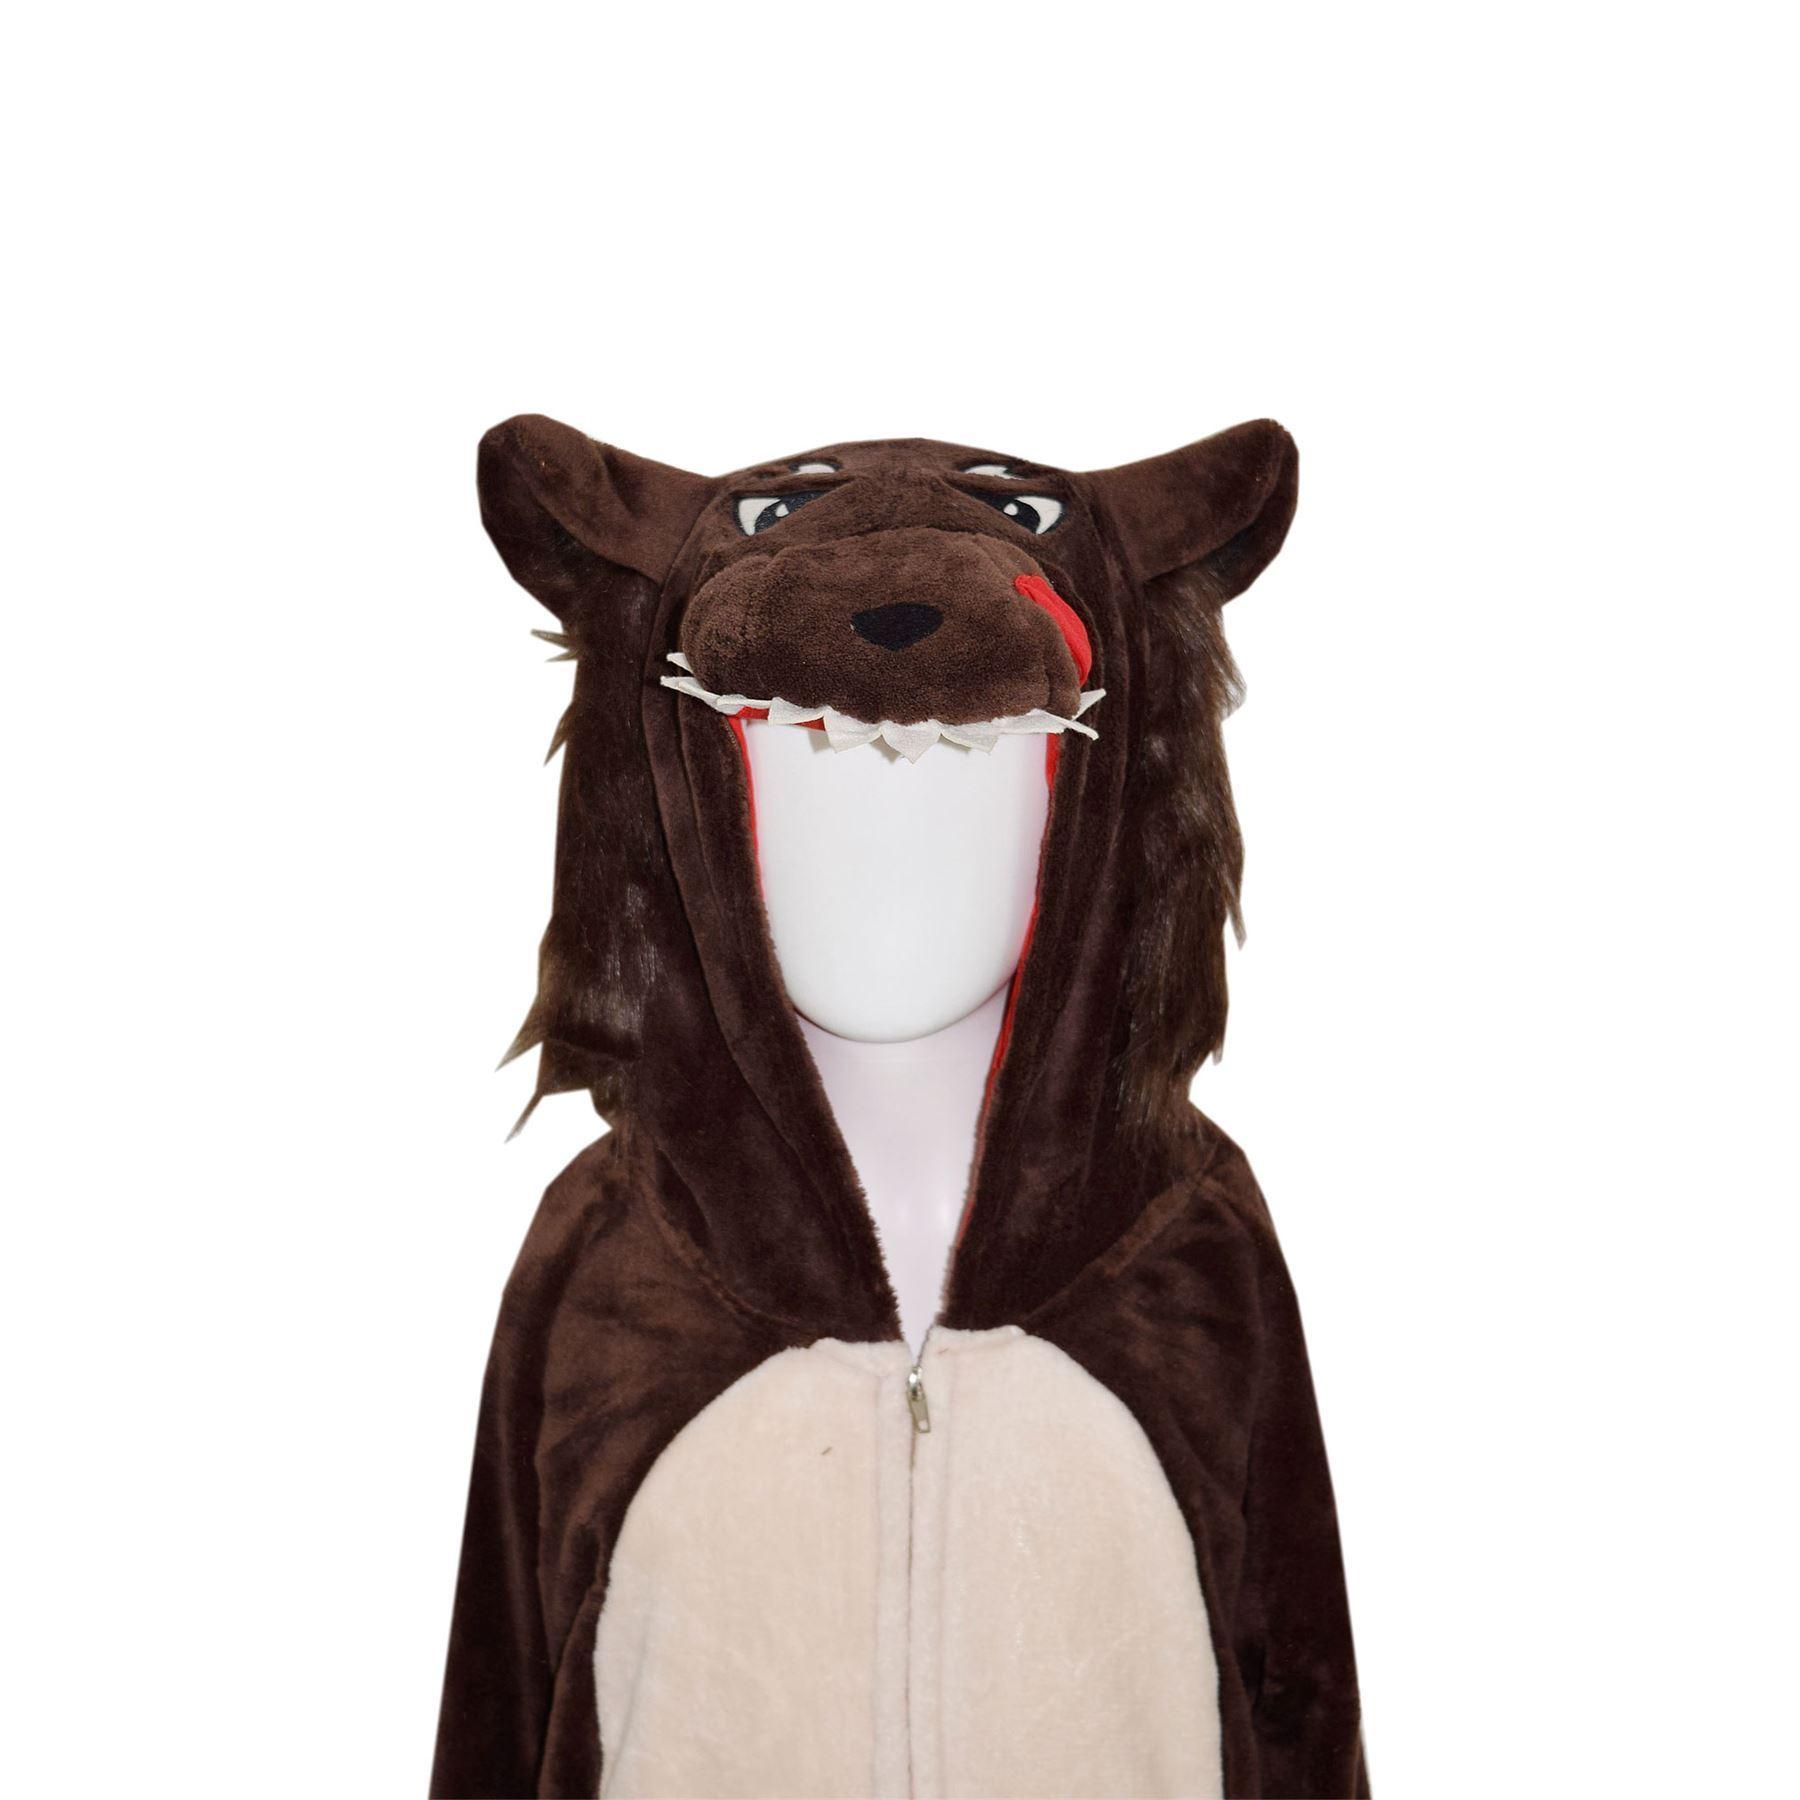 Kids-Girls-Boys-Soft-Fluffy-Animal-Monkey-A2Z-Onesie-One-Piece-Halloween-Costume miniatuur 85